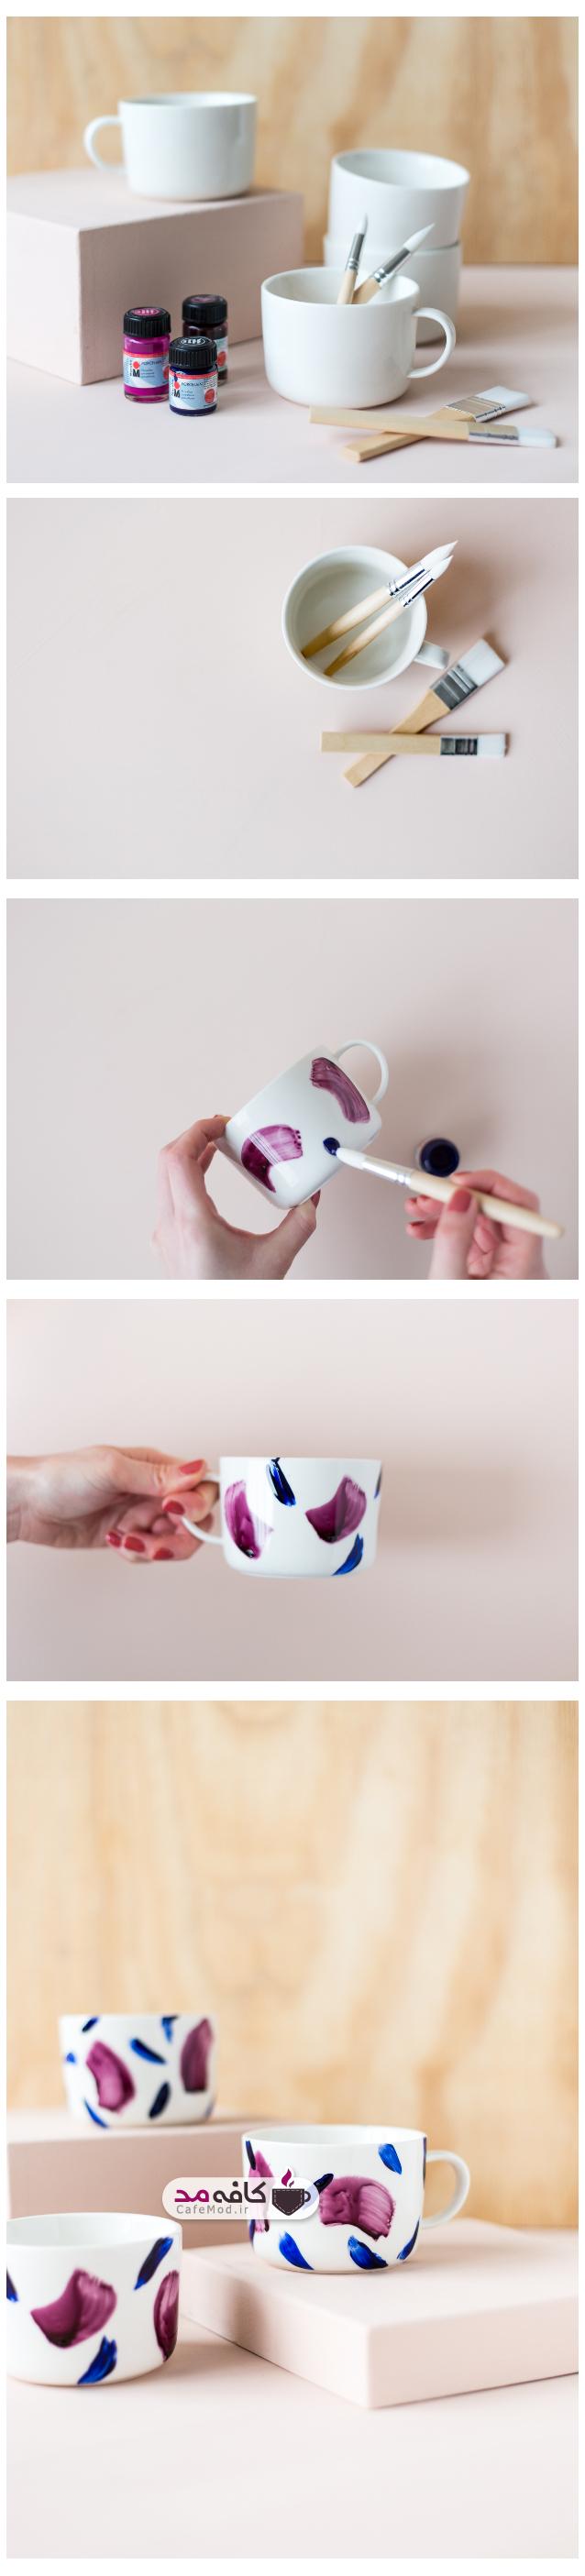 آموزش طراحی روی لیوان ساده